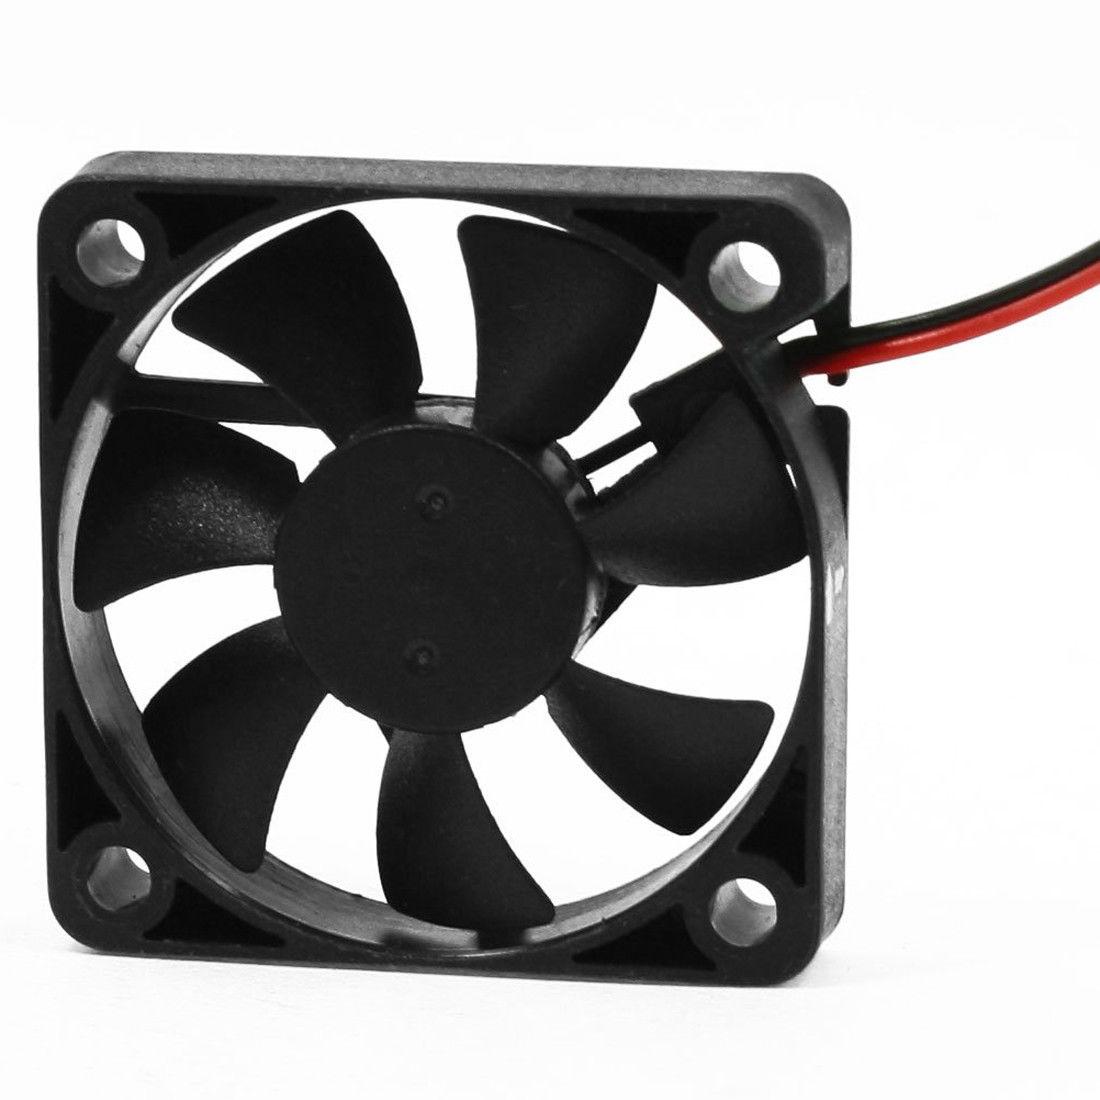 50mm x 10mm 5010B DC 12V 0.1A 2 Pin Brushless Cooling Fan Ball Bearing P